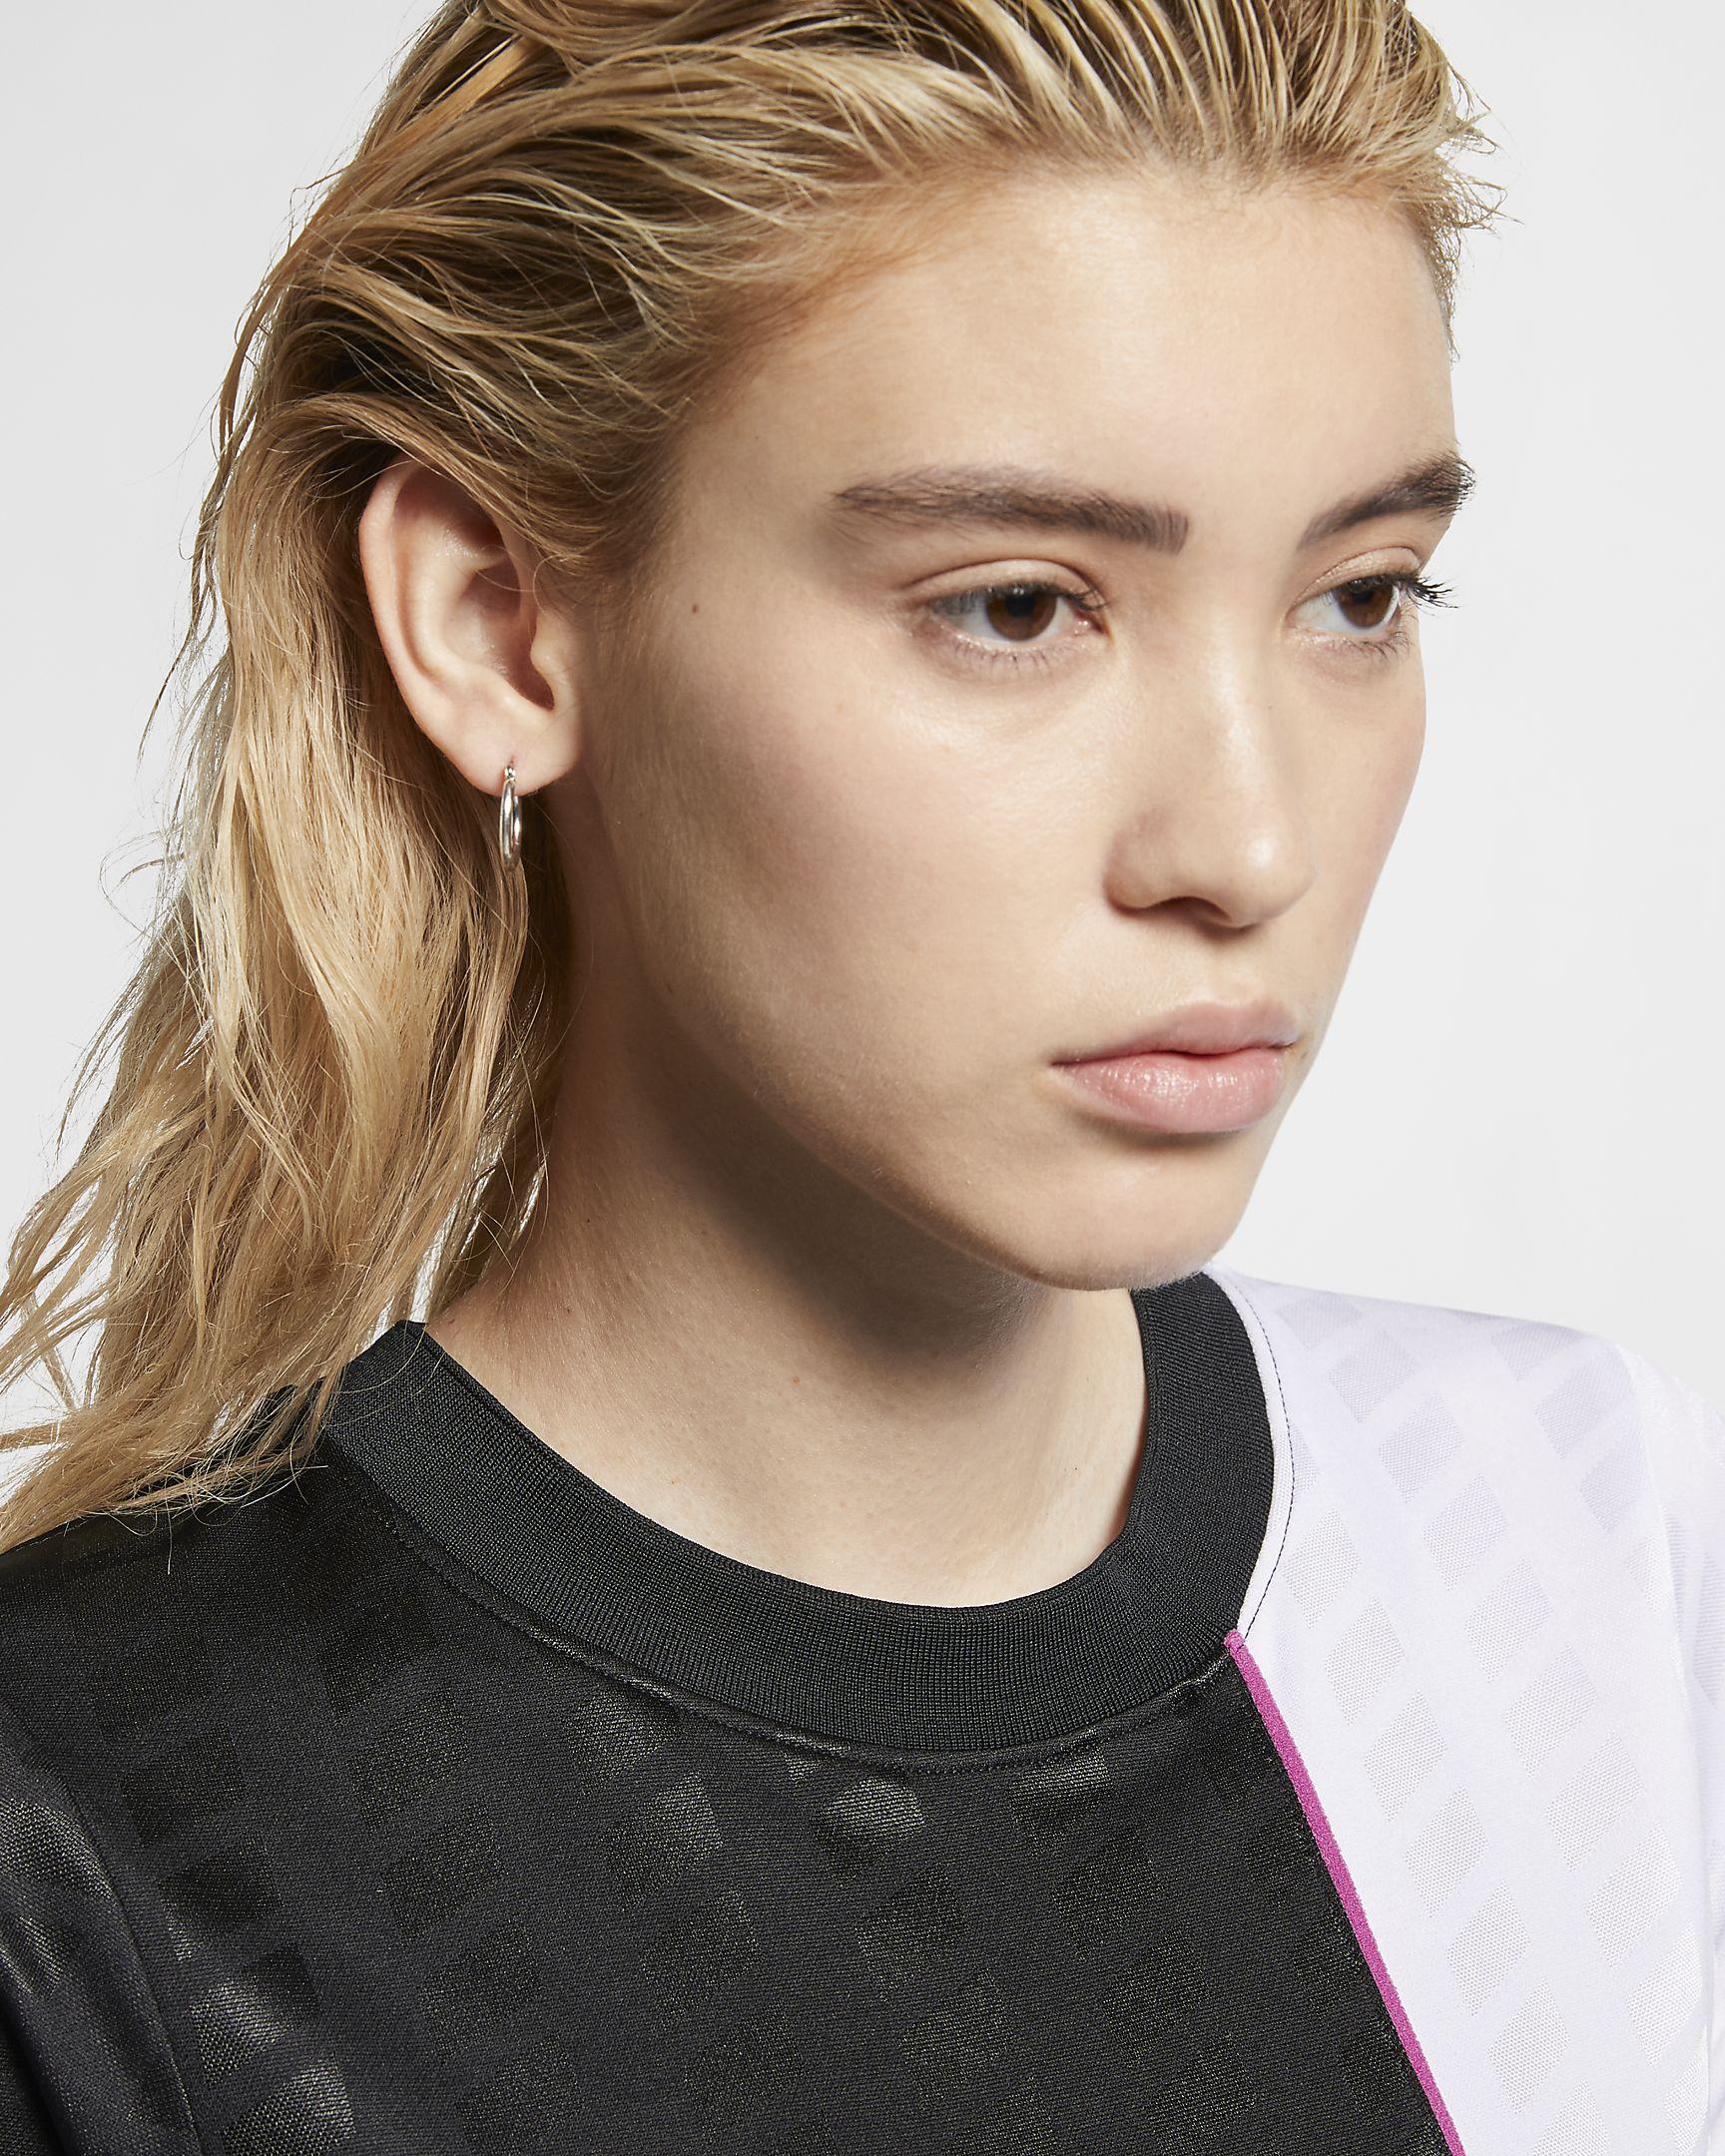 sportswear-nsw-womens-short-sleeve-dress-cTs7Dm-5.jpg